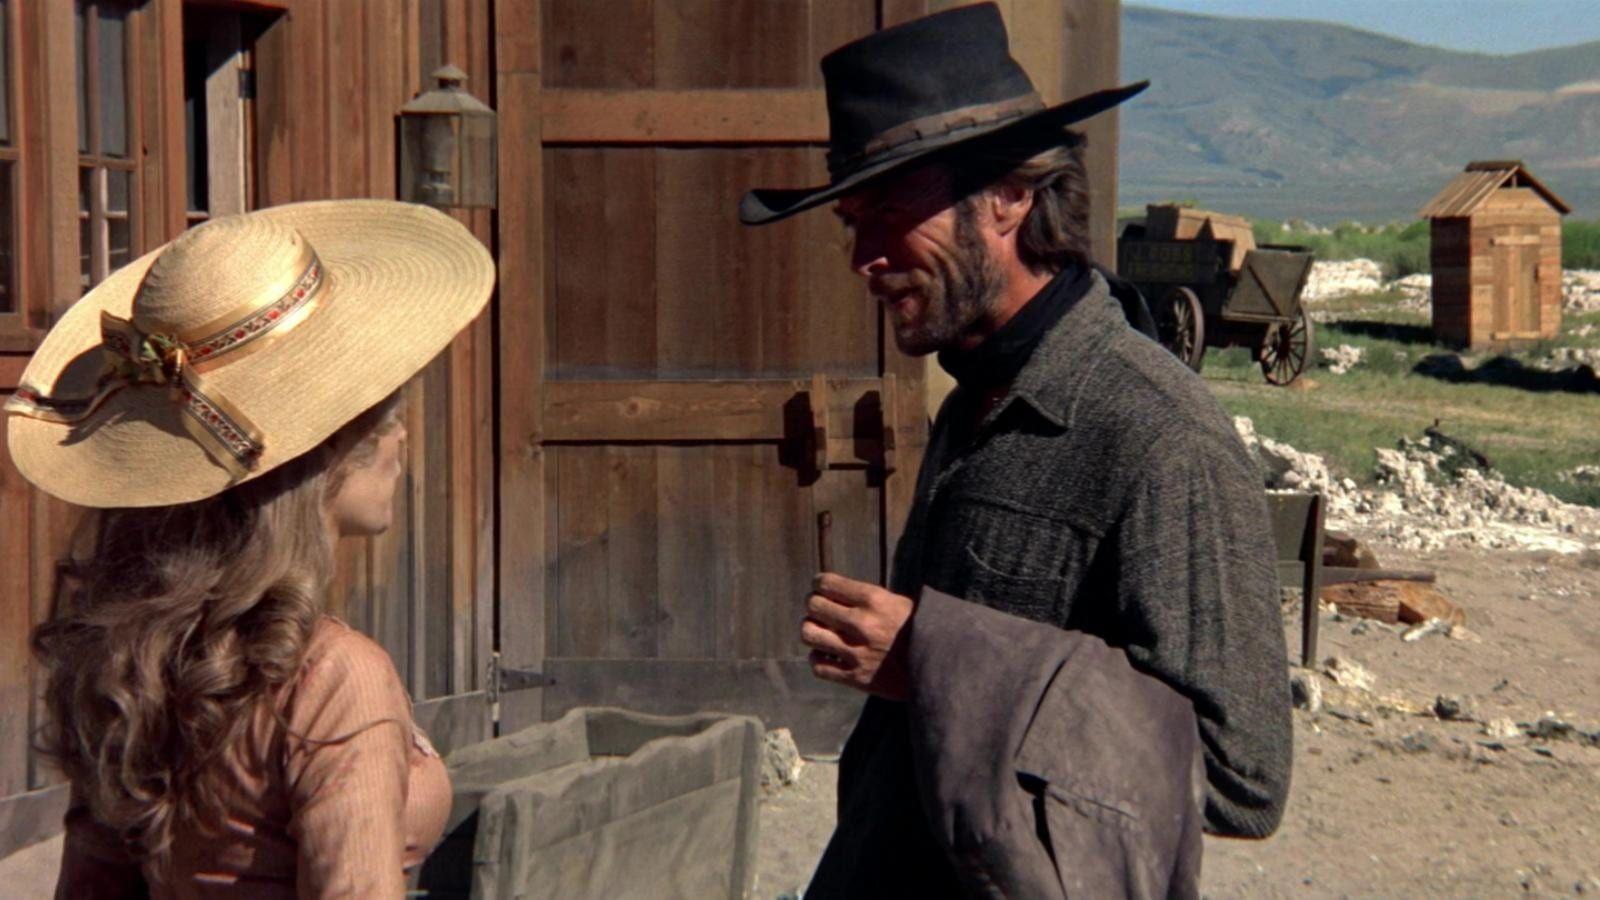 L Homme Des Hautes Plaines 1973 Stream Film Complet Vf Francais Un Etranger Tout De Noir Vetu Arrive Dans Une Petite Ville Frontaliere Du Sud Ouest Americain